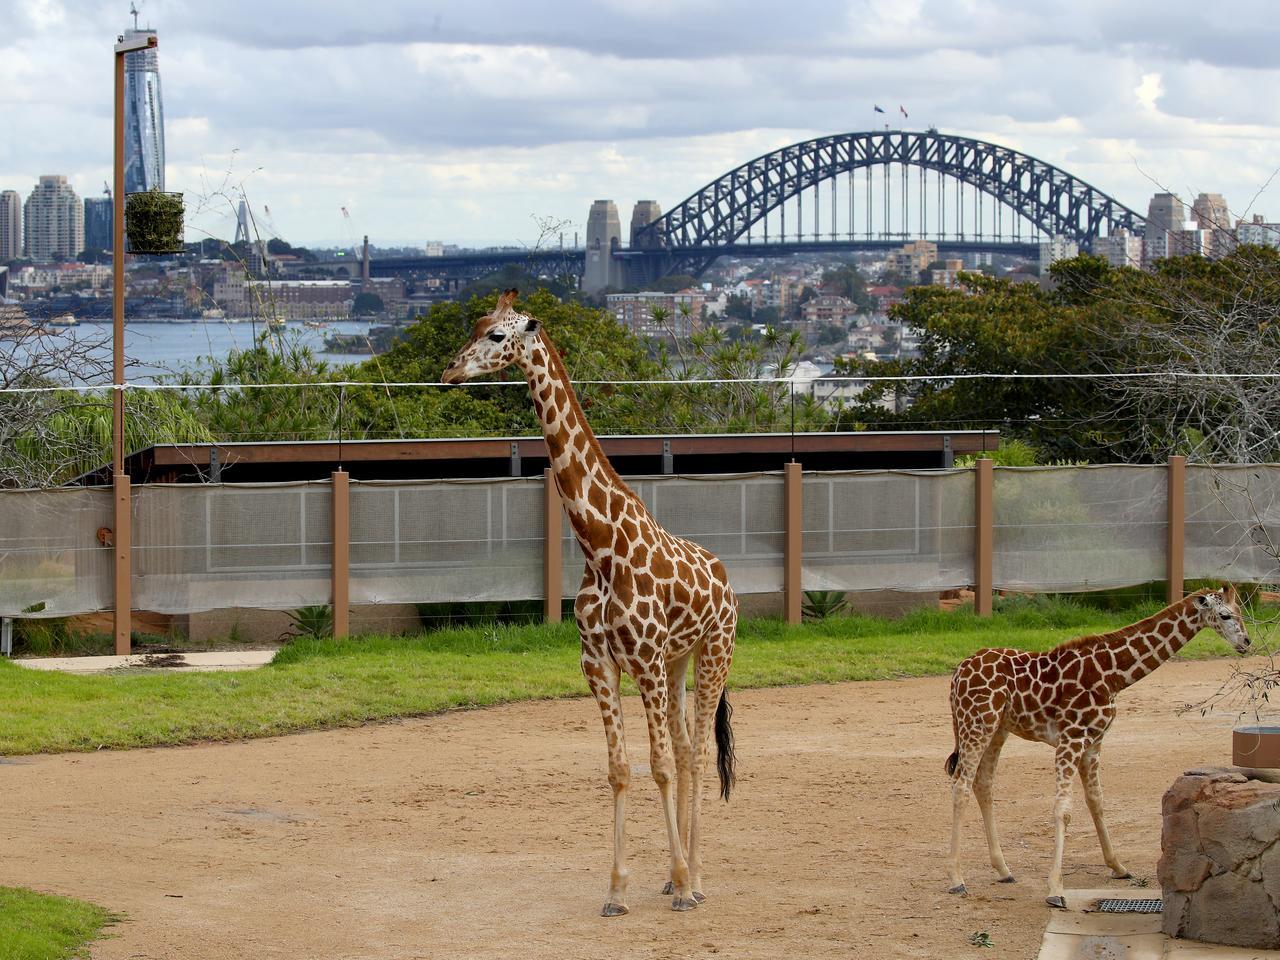 Taronga Zoo giraffe calf